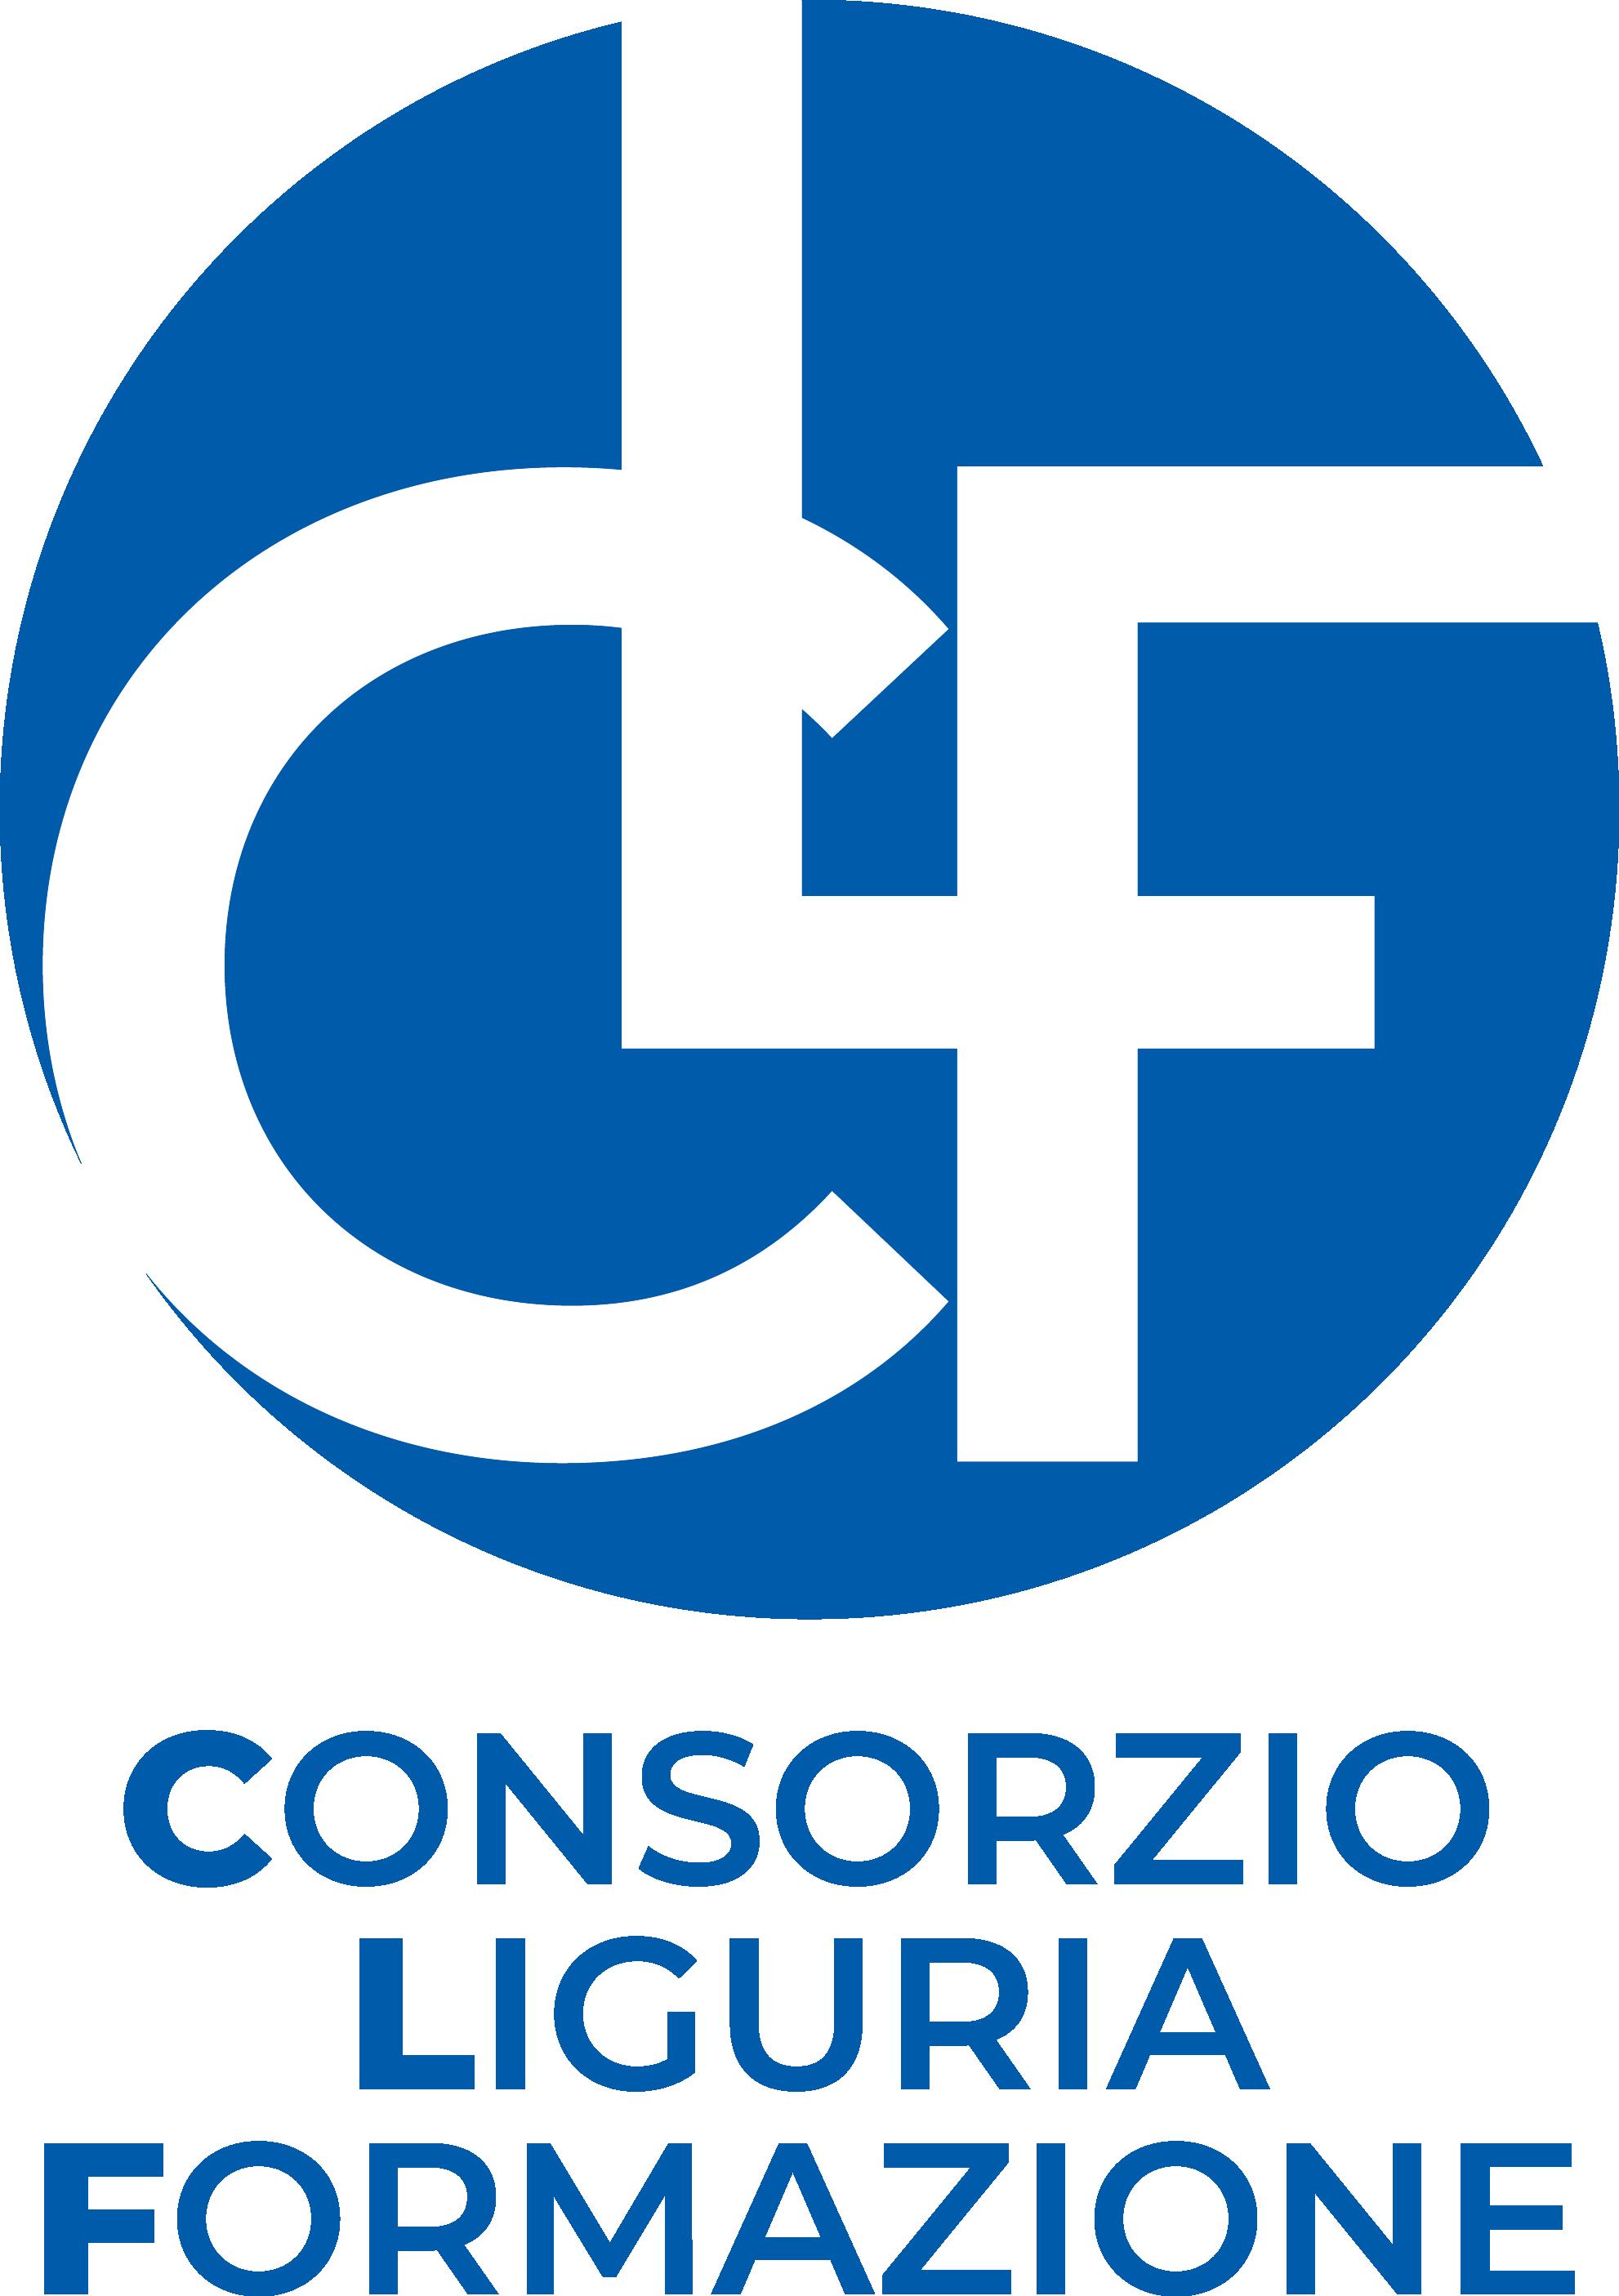 Consorzio Liguria Formazione